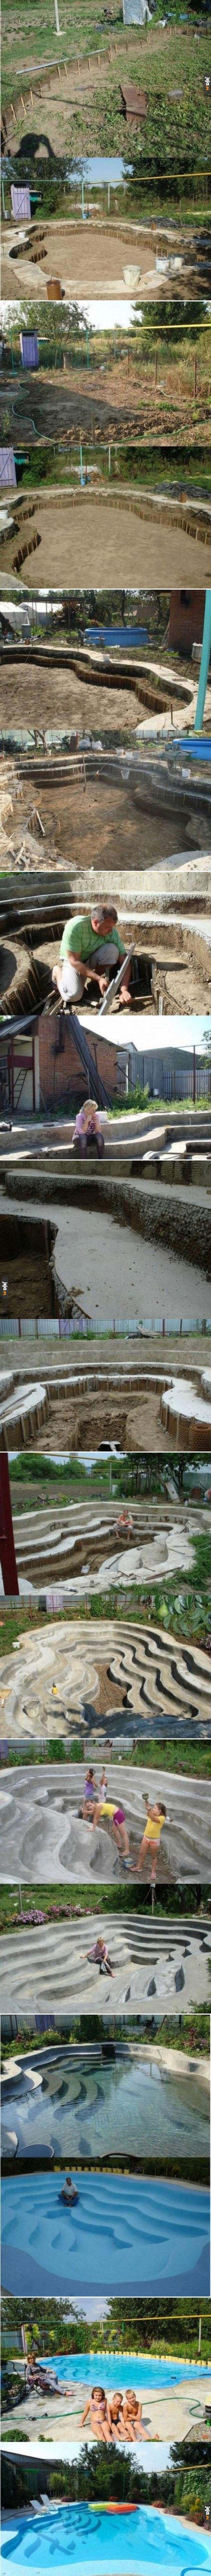 Własnoręcznie wybudowany basen